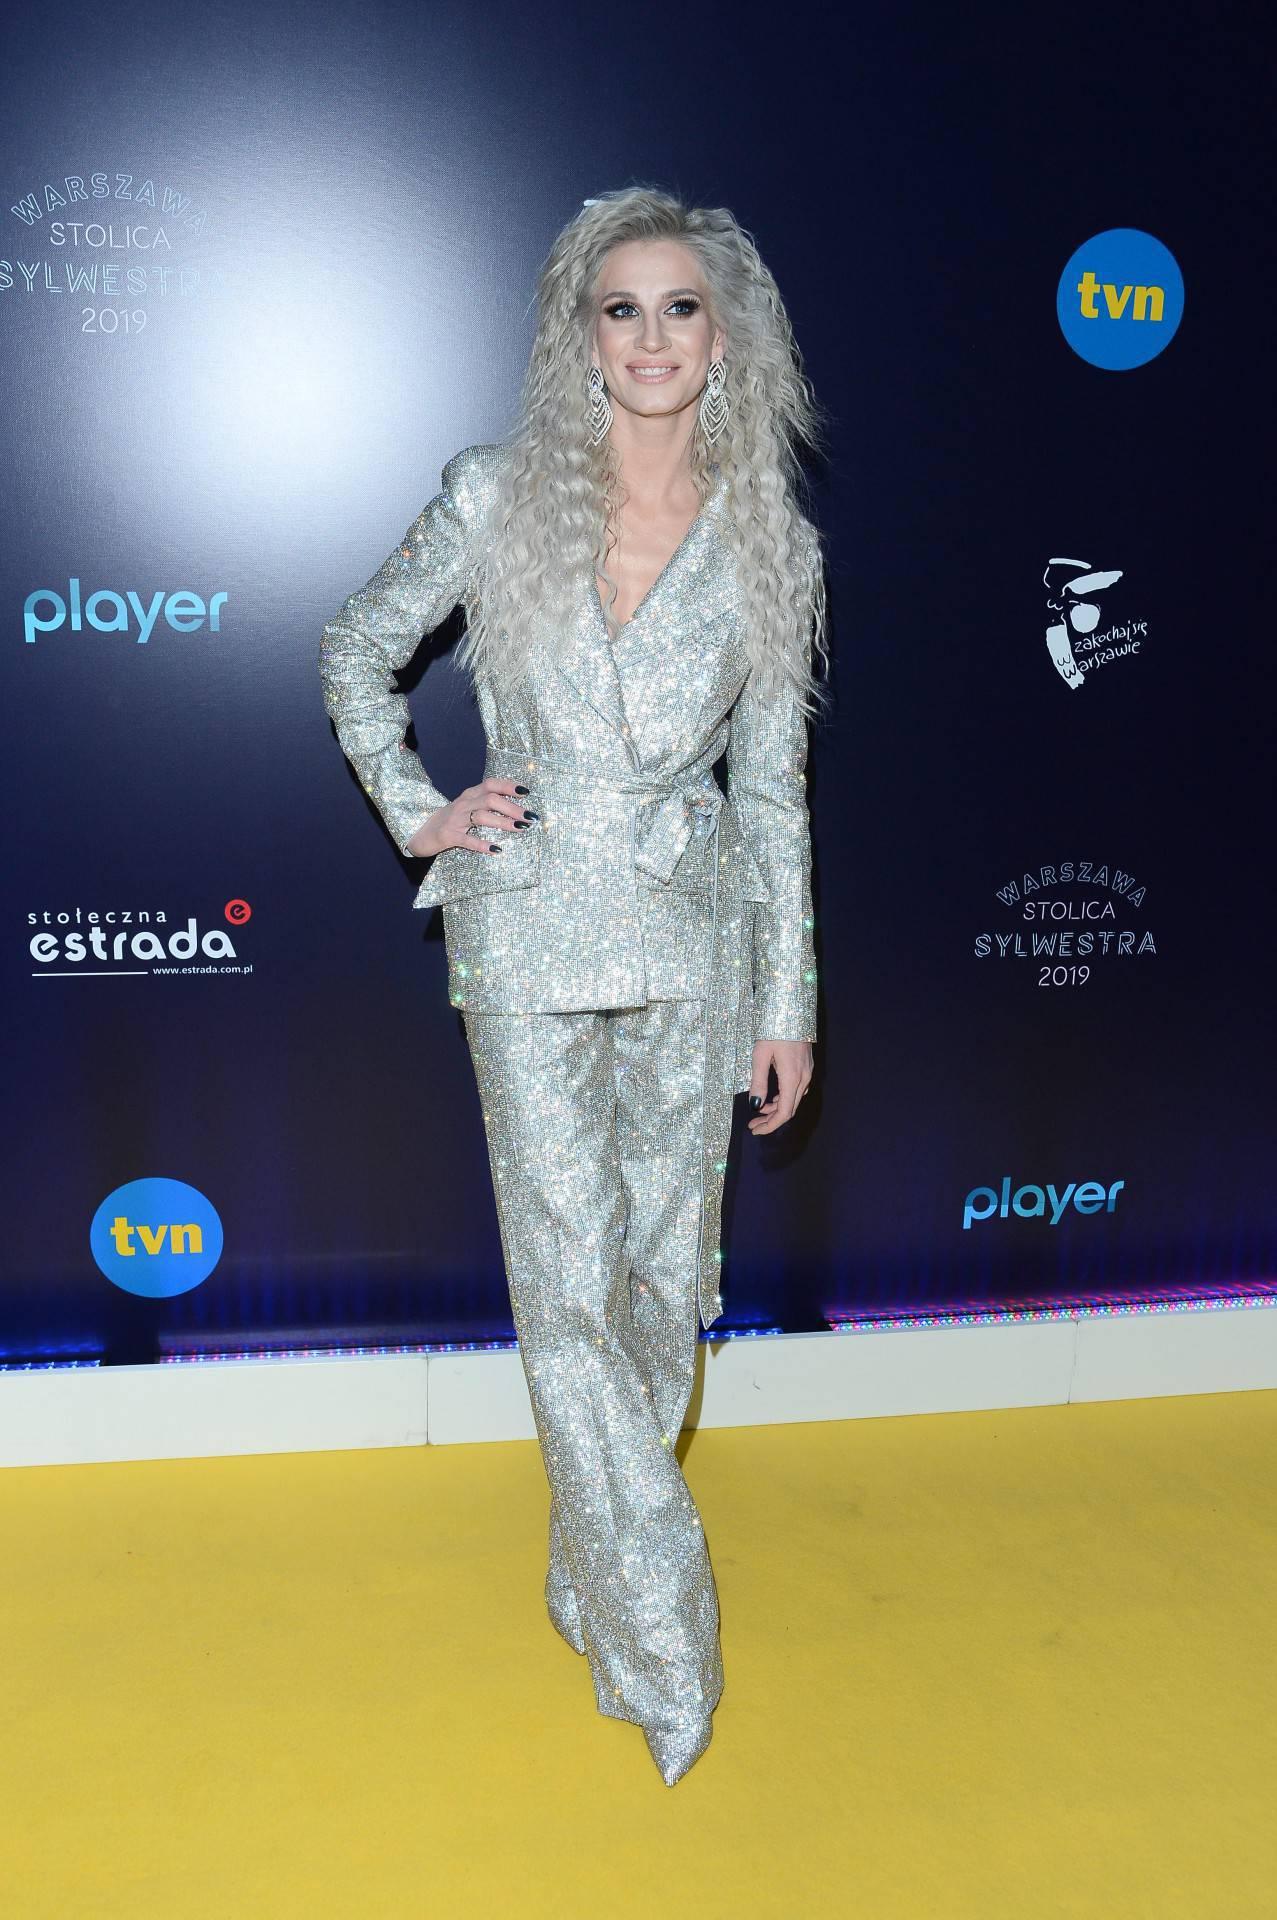 Sylwester TVN 2019 - Sylwia Grzeszczak